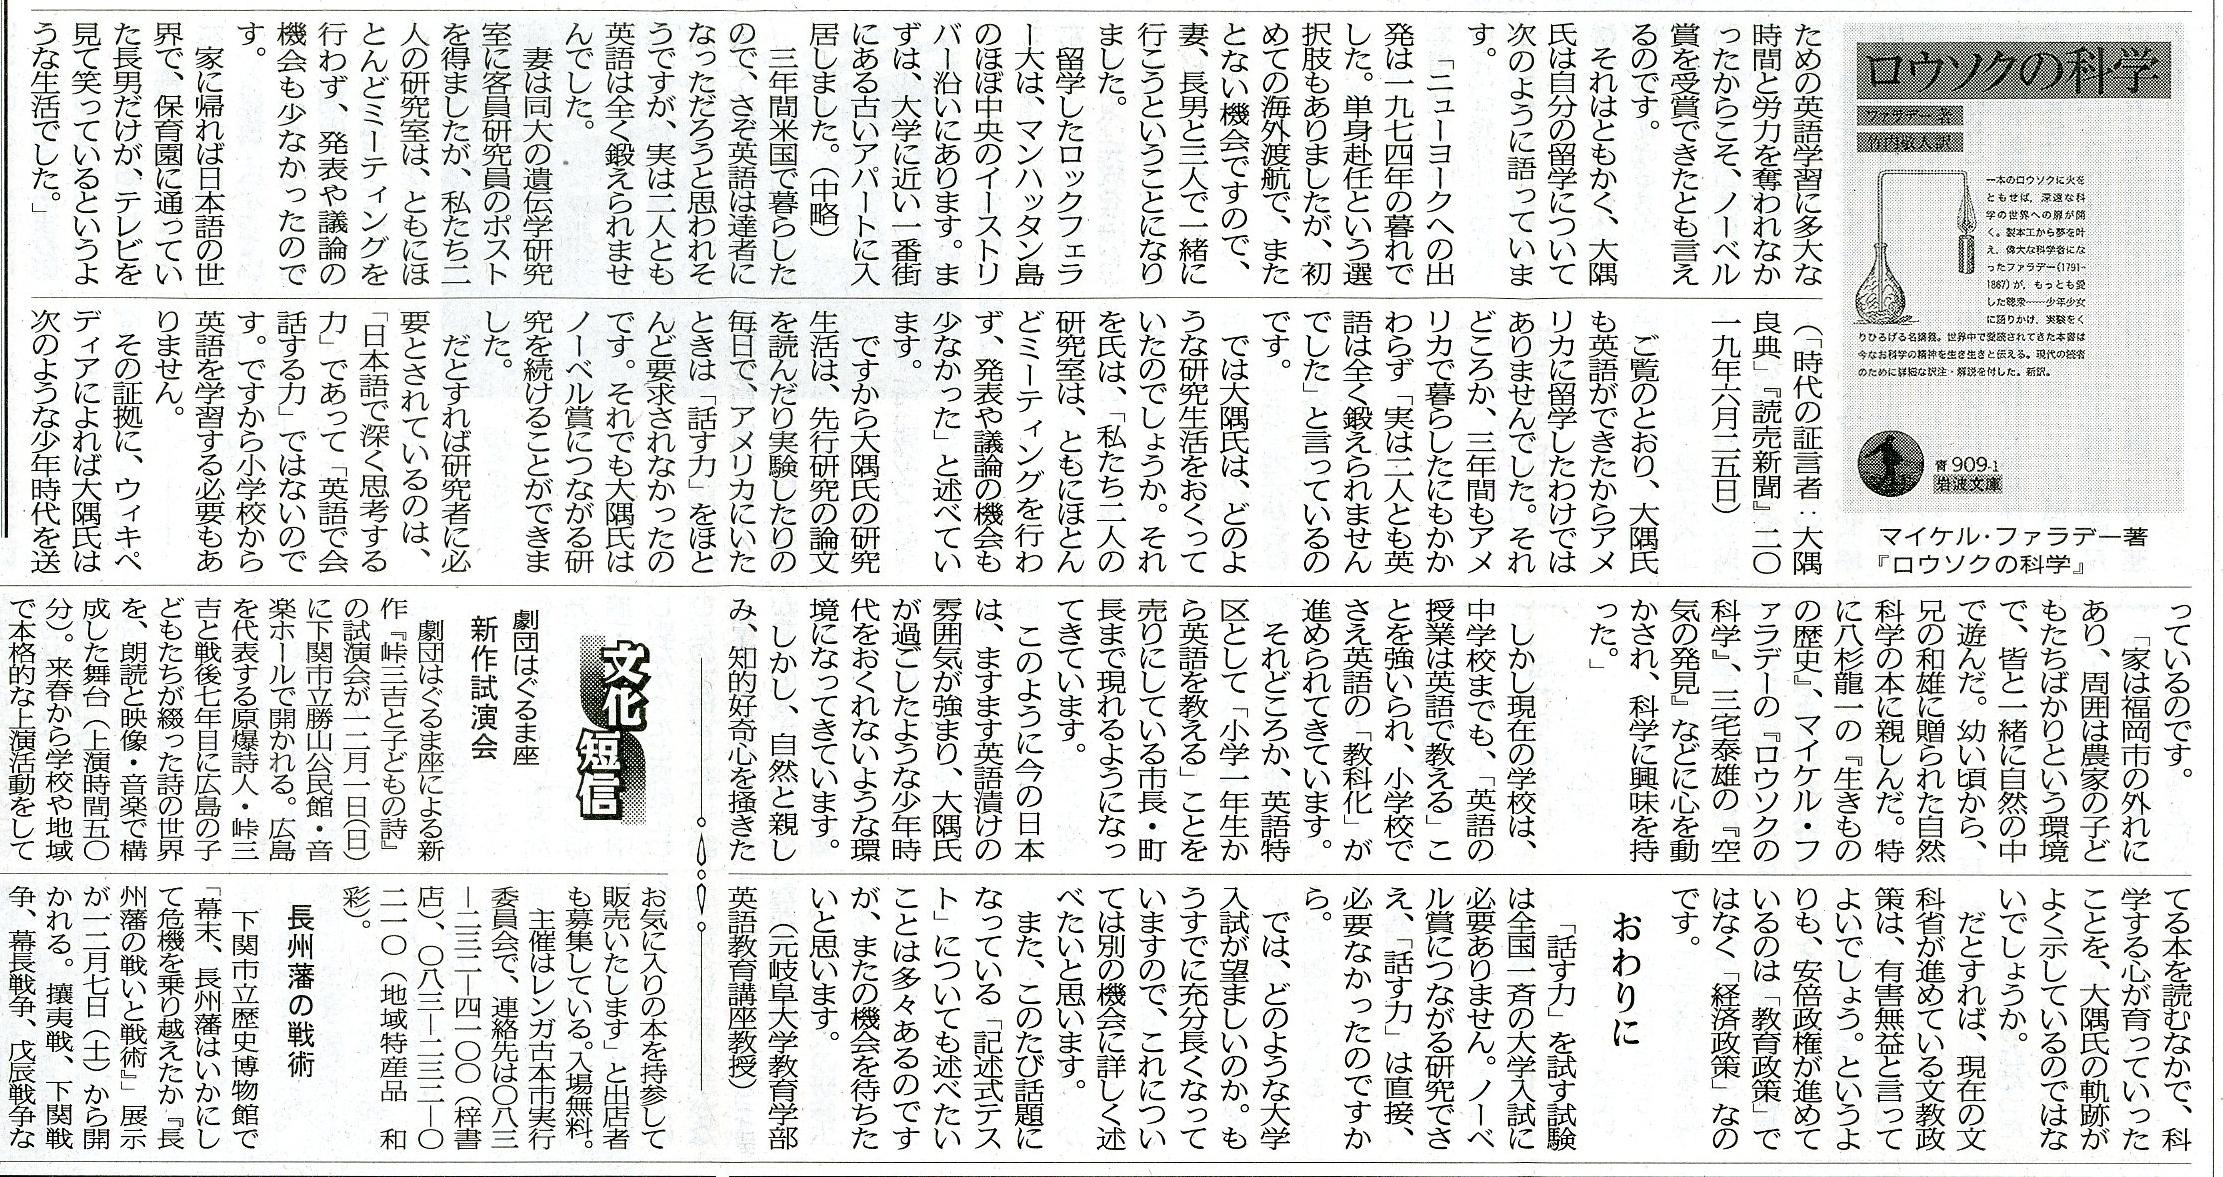 長周新聞20191122寺島隆吉「大学入試を食い物にしながら肥え太る教育産業」下(2)逆転正常化